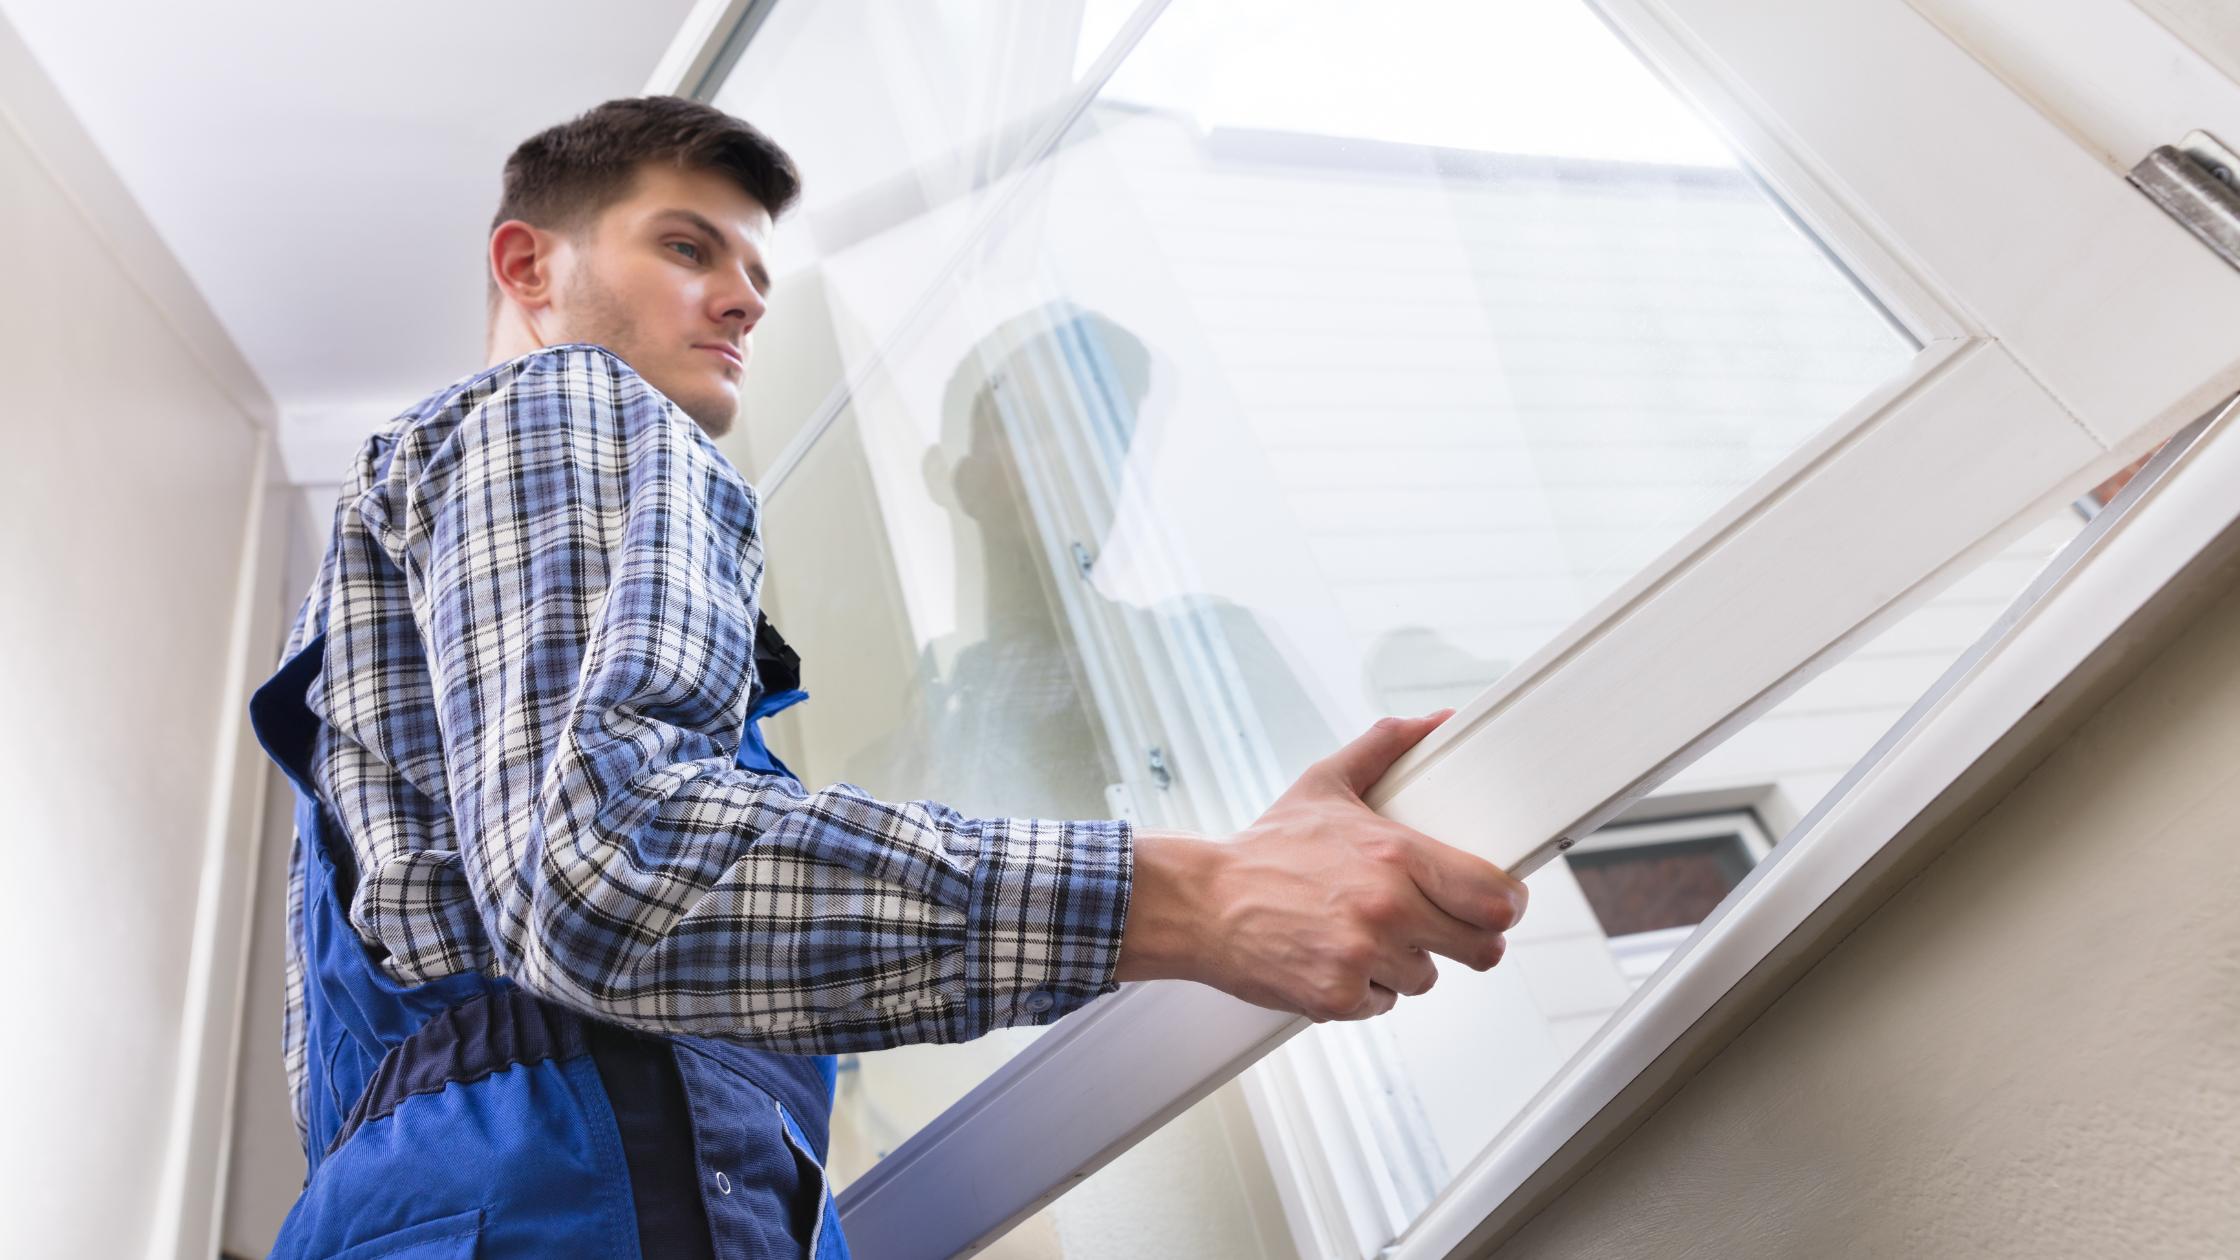 worker installing a window